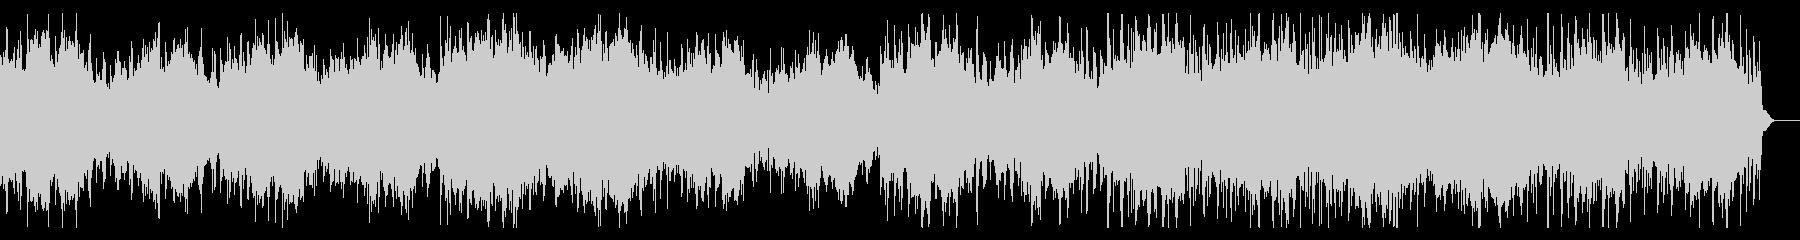 陰鬱なアンビエントテクスチャIDMの未再生の波形